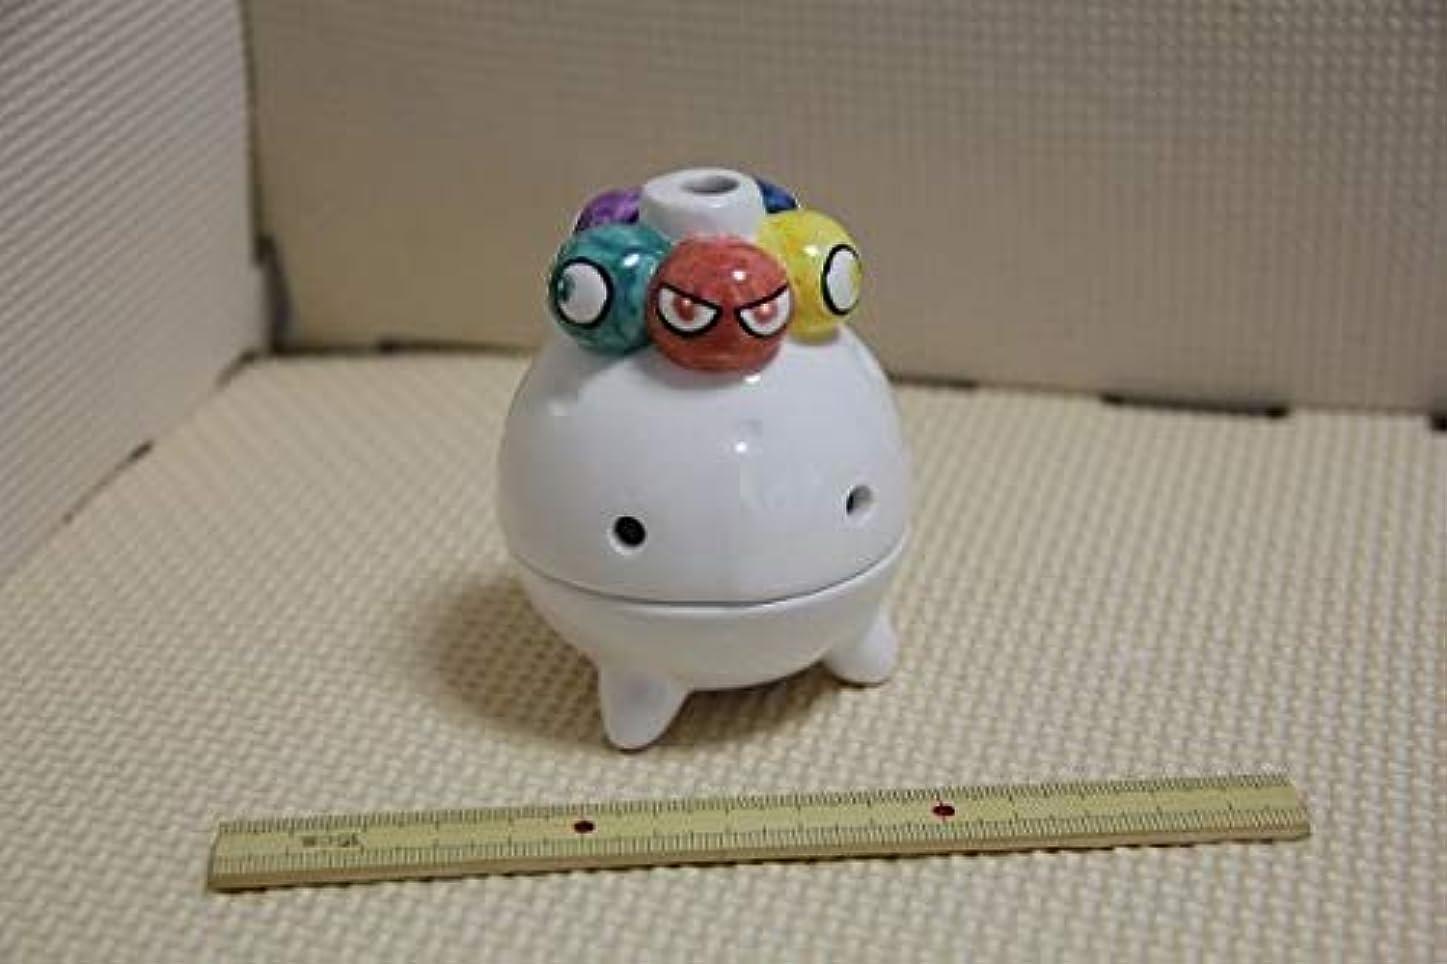 ハチギャラリー純粋な陶器製 ぷよ 香炉 1996 ぷよぷよ コンパイル お香 検索 ぷよぷよクエスト 香炉 フィギュア